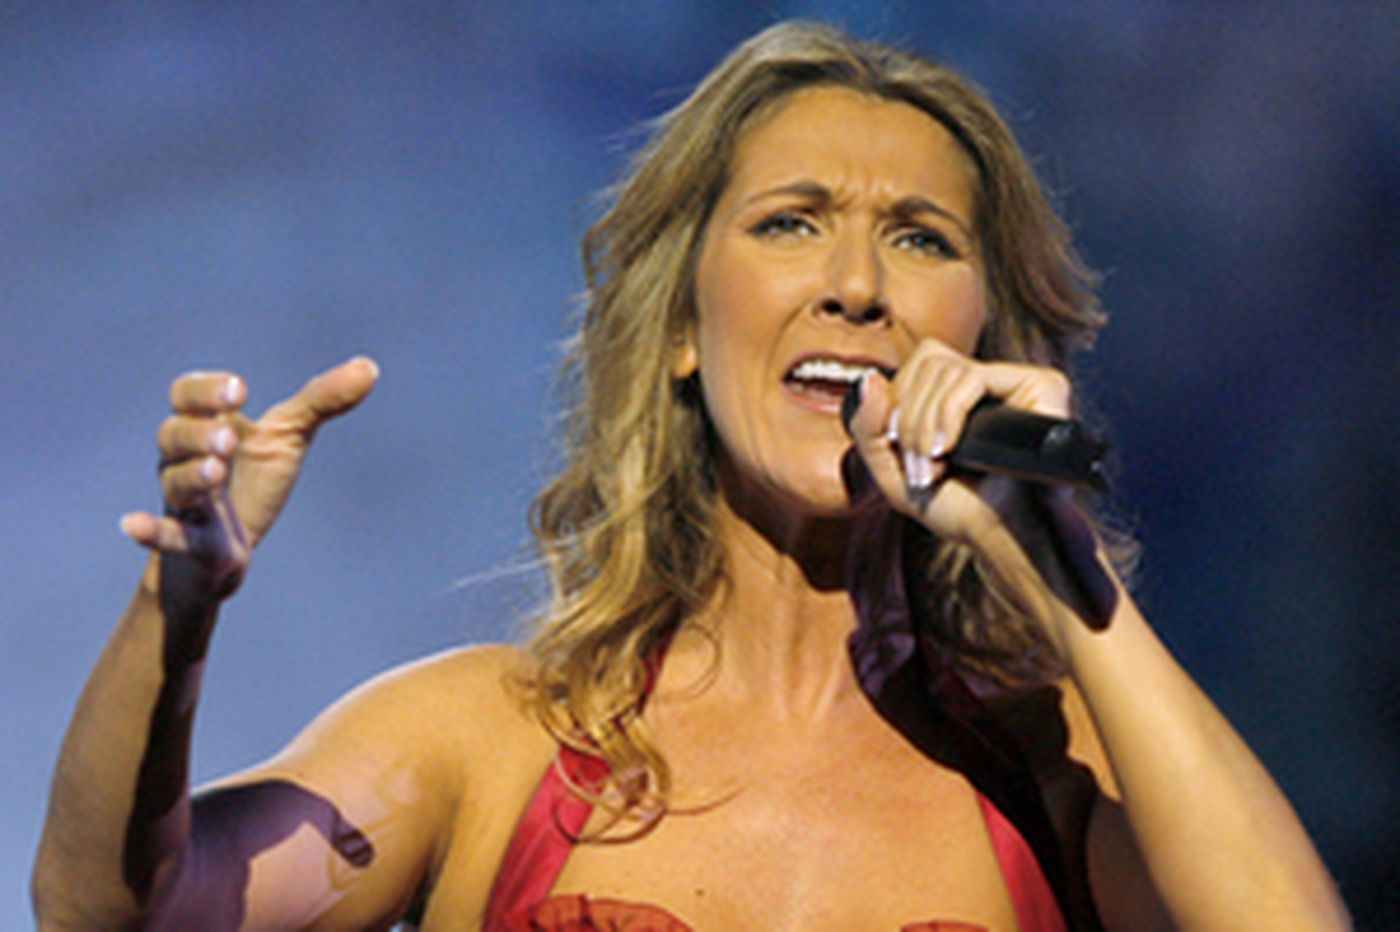 Dave on Demand | 'Idol' outrage: Elvis, Celine duet